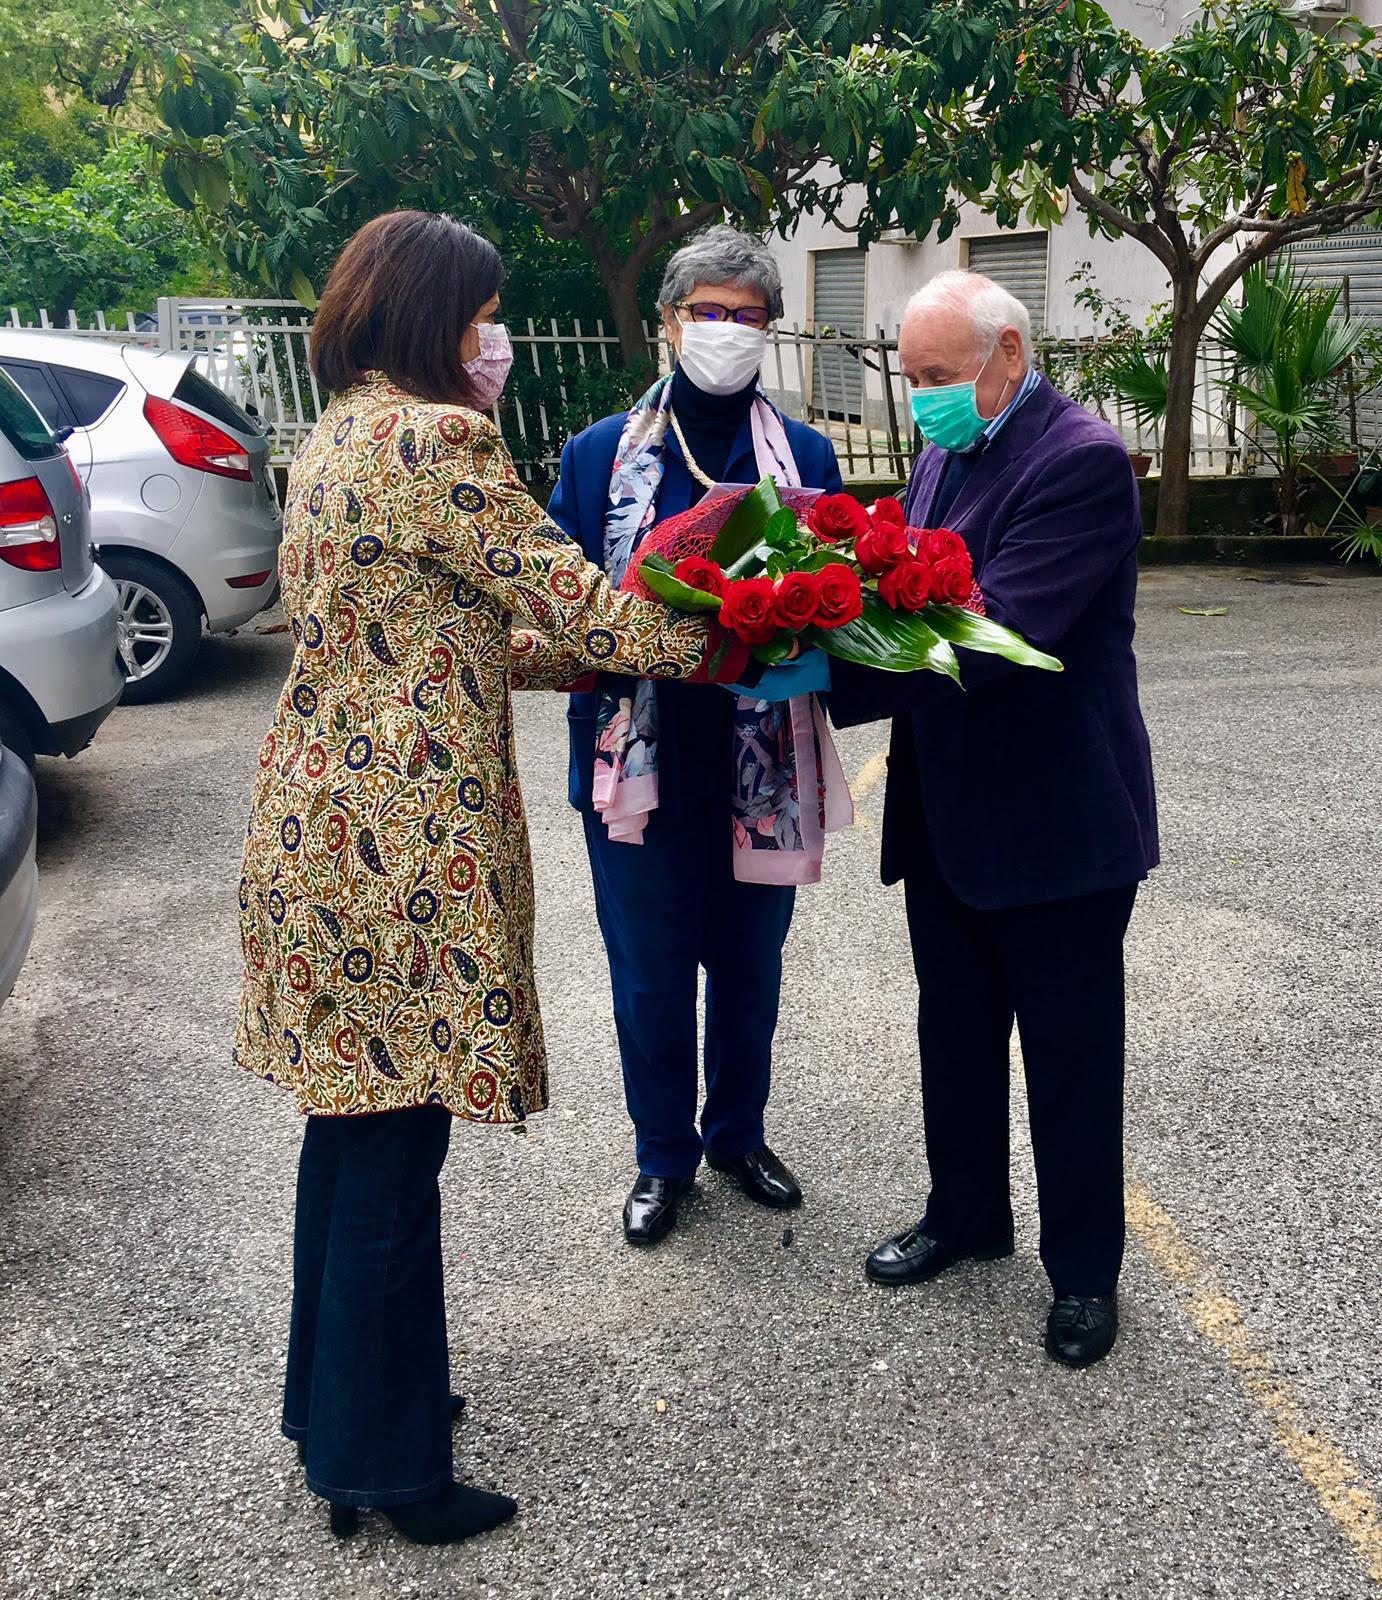 la consegna dei fiori